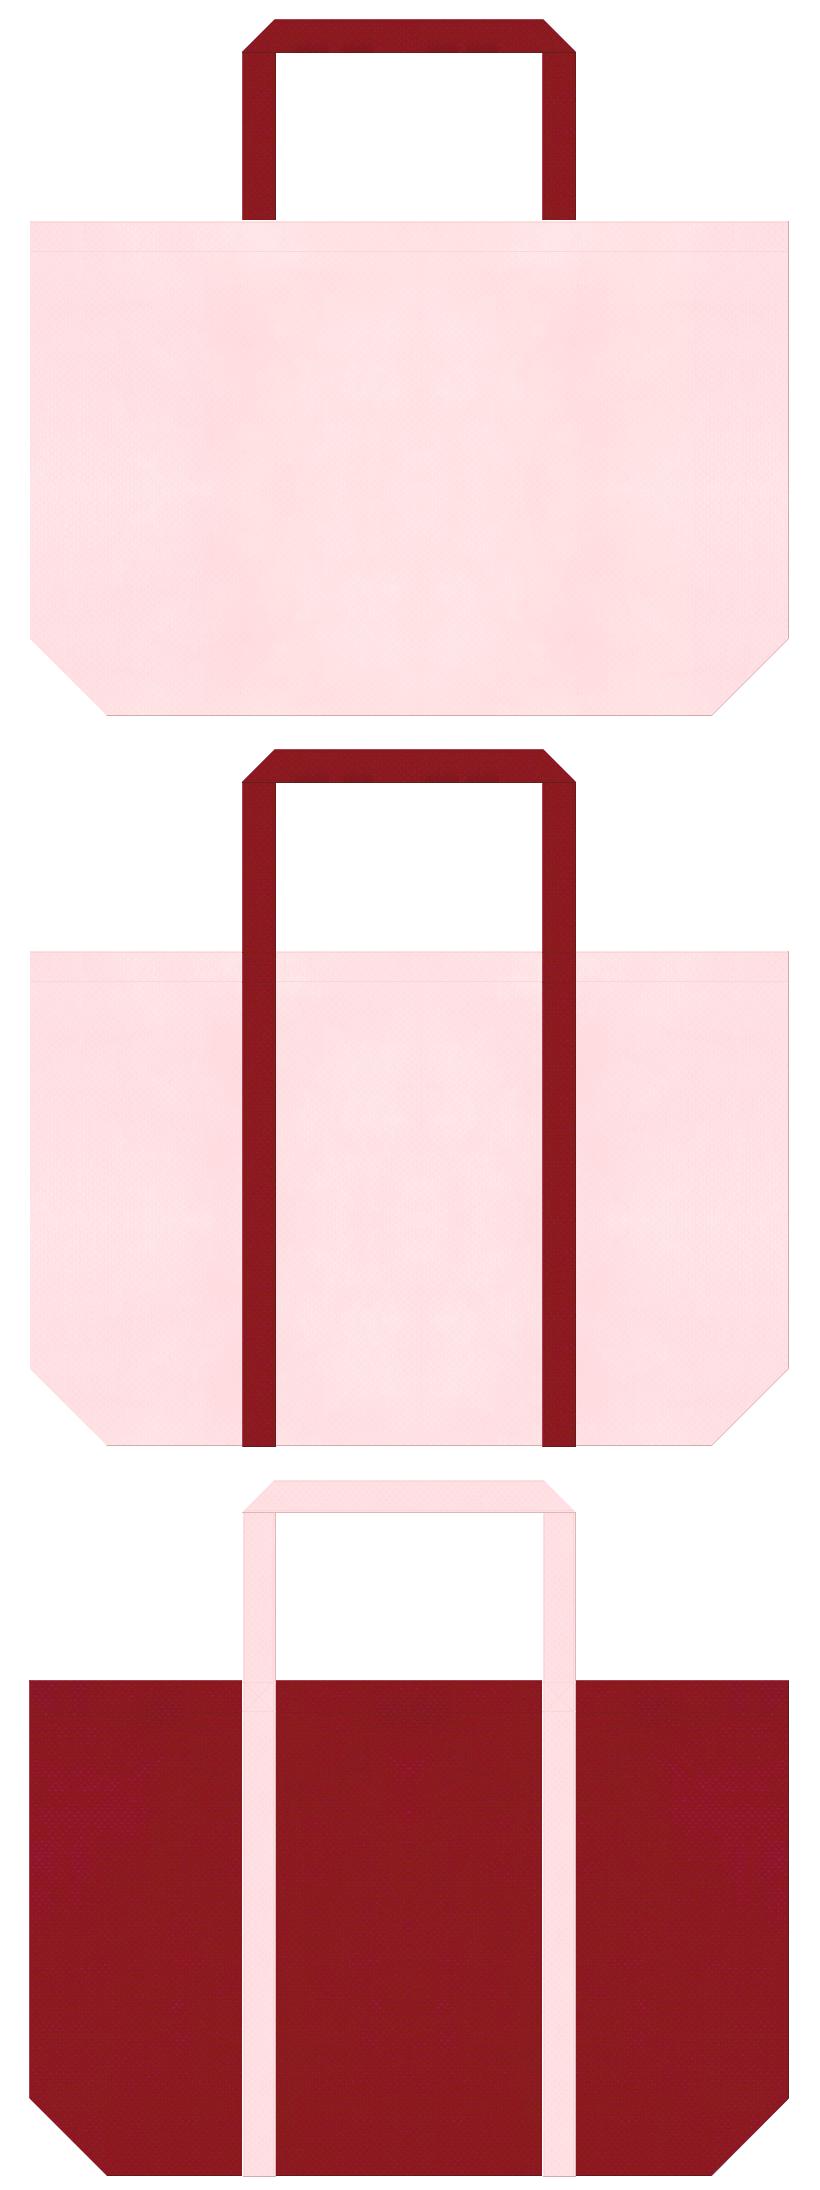 学校・学園・オープンキャンパス・レッスンバッグ・着物・振袖・成人式・ひな祭り・お正月・写真館・和風催事にお奨めの不織布バッグデザイン:桜色とエンジ色のコーデ